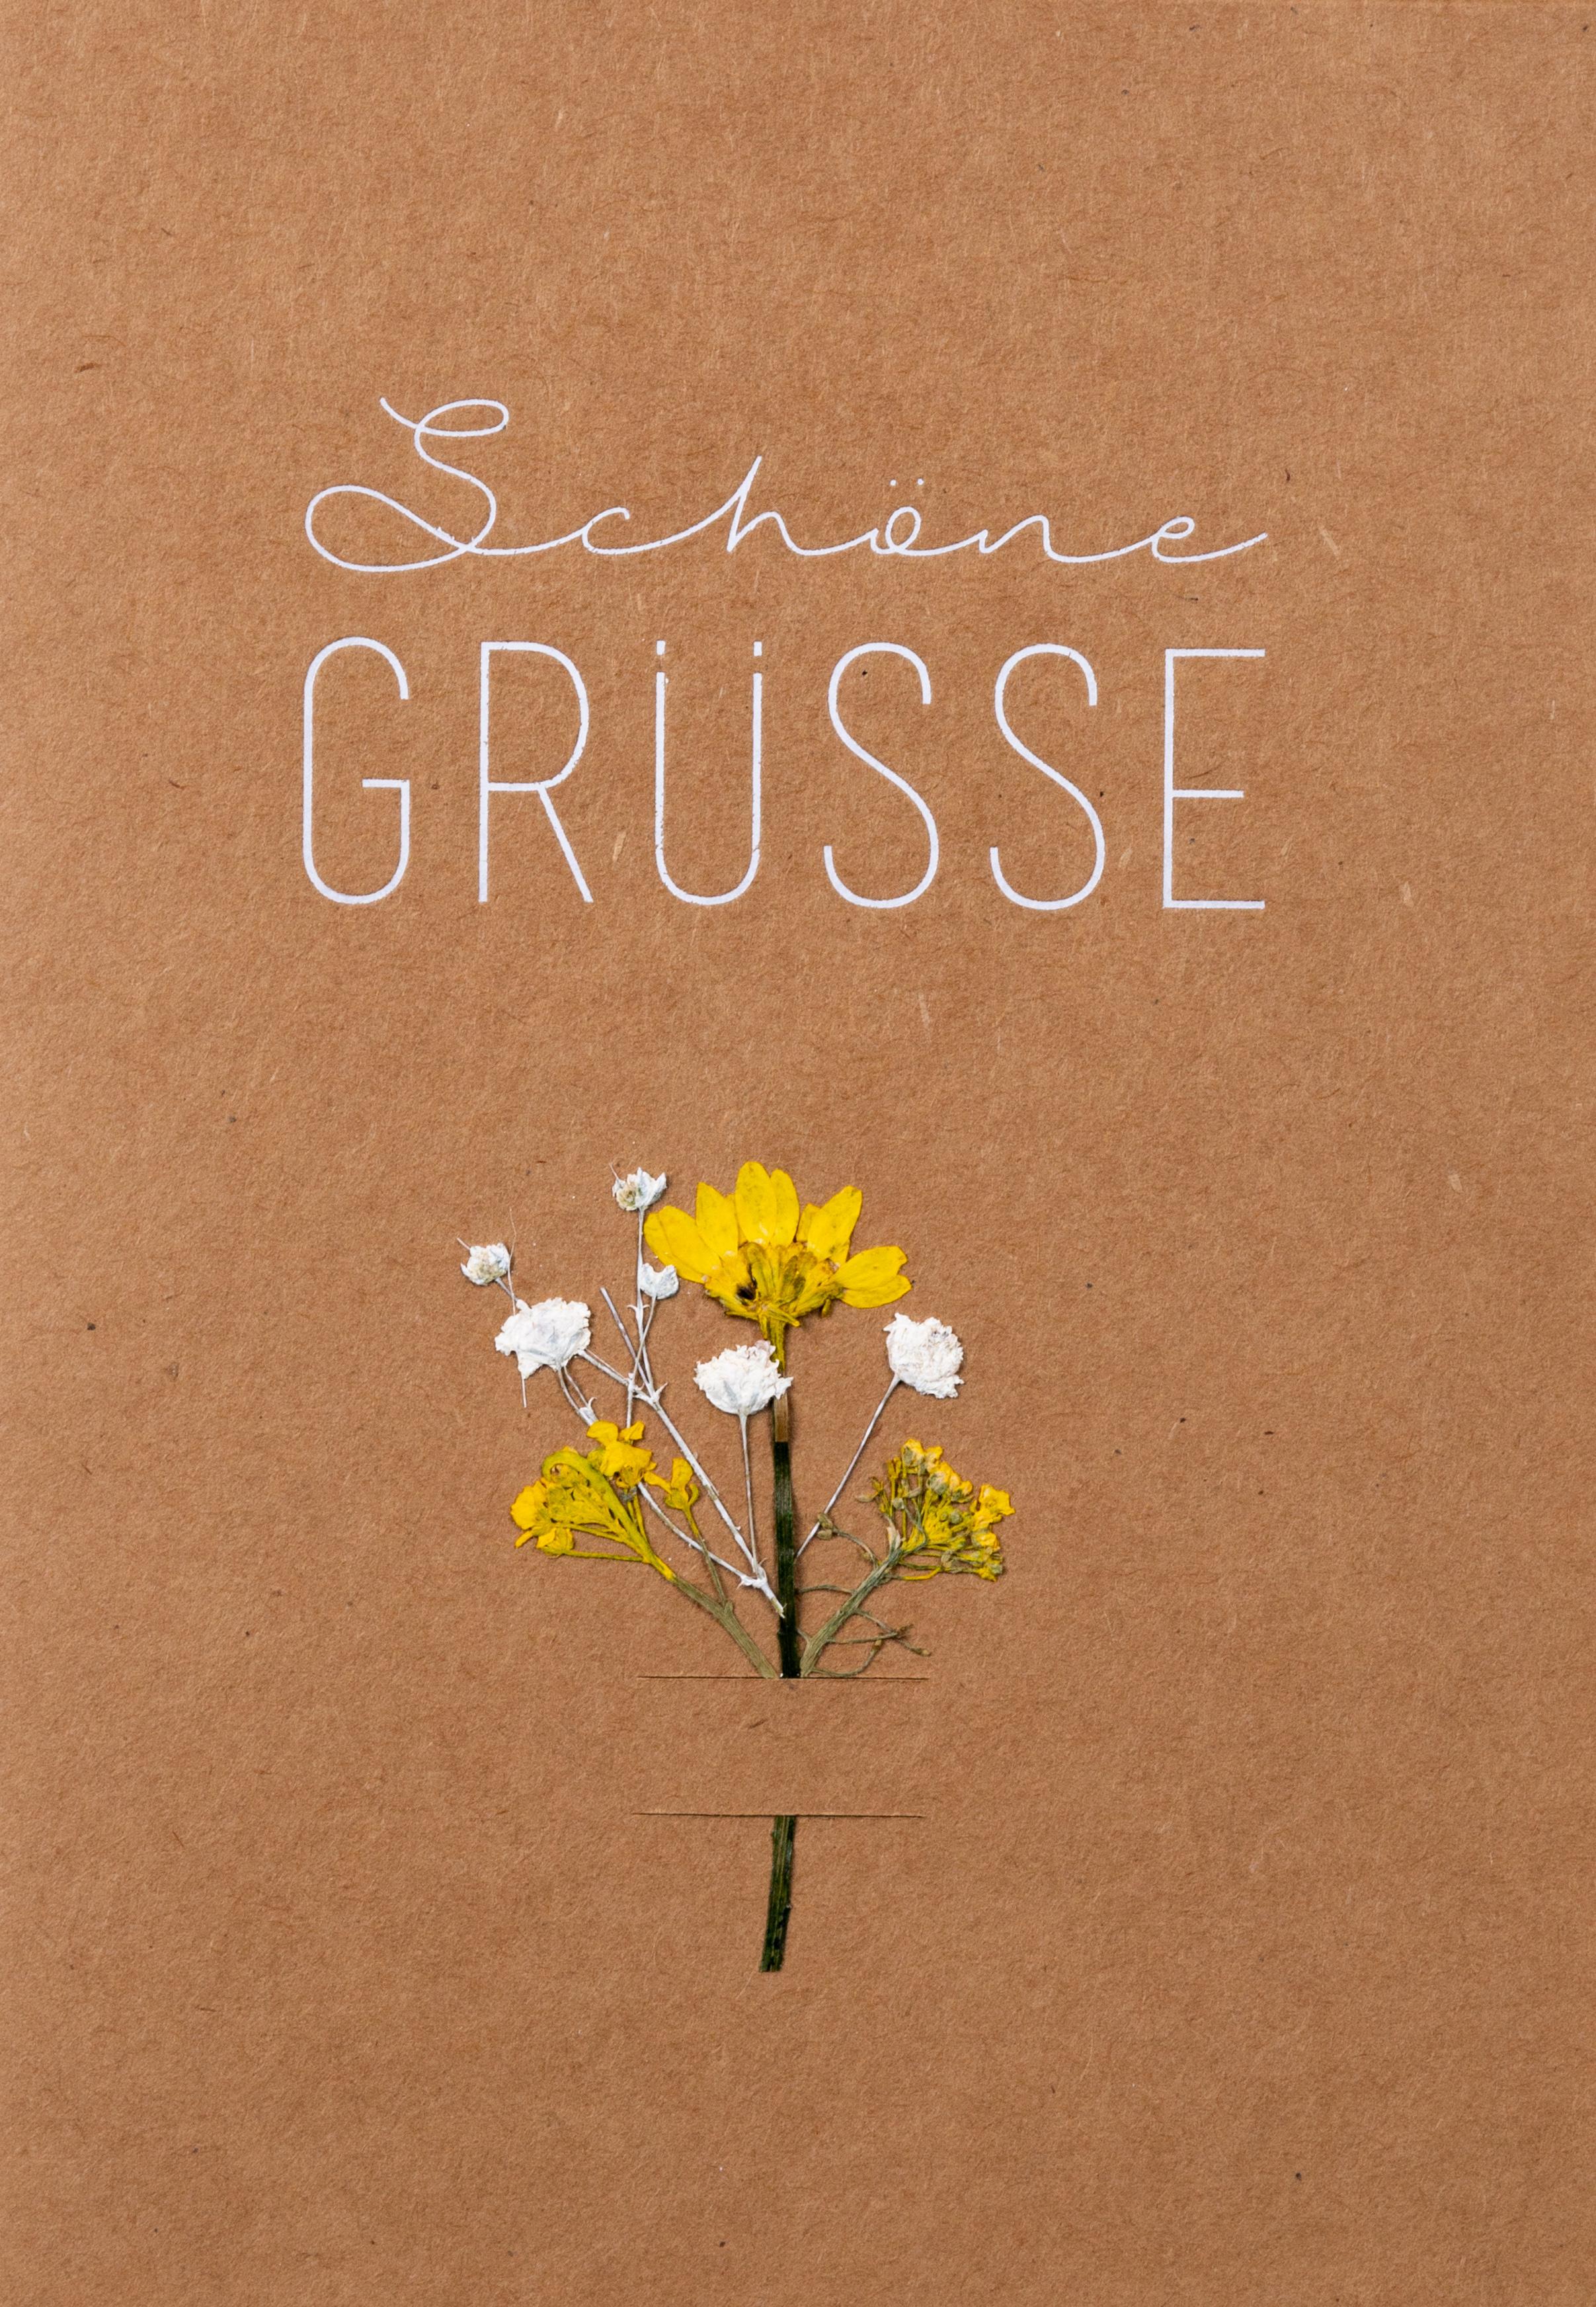 - Glückwunschkarte Schöne Grüsse mit echten Blüten räder - Onlineshop Tante Emmer